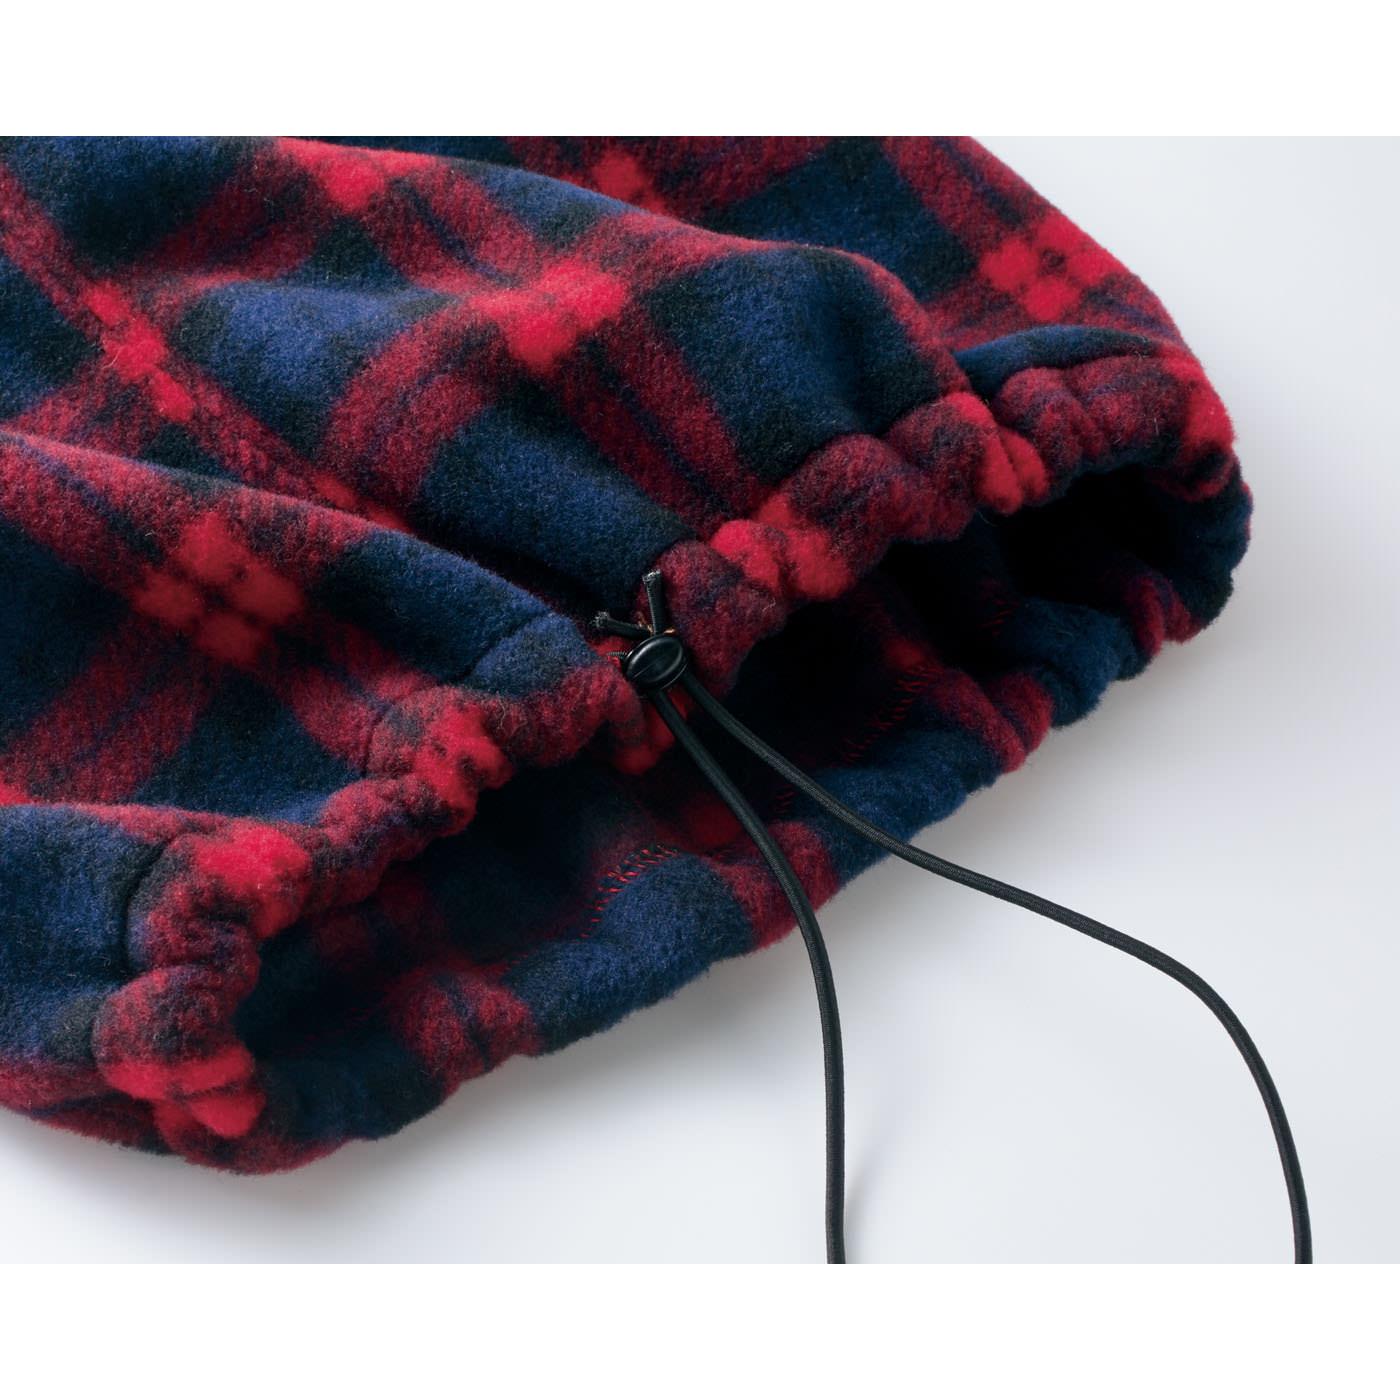 ネックウォーマー単体で着けるときは、調節ゴム側を上にして。きゅっとしぼれば、すき間風をブロックできます。